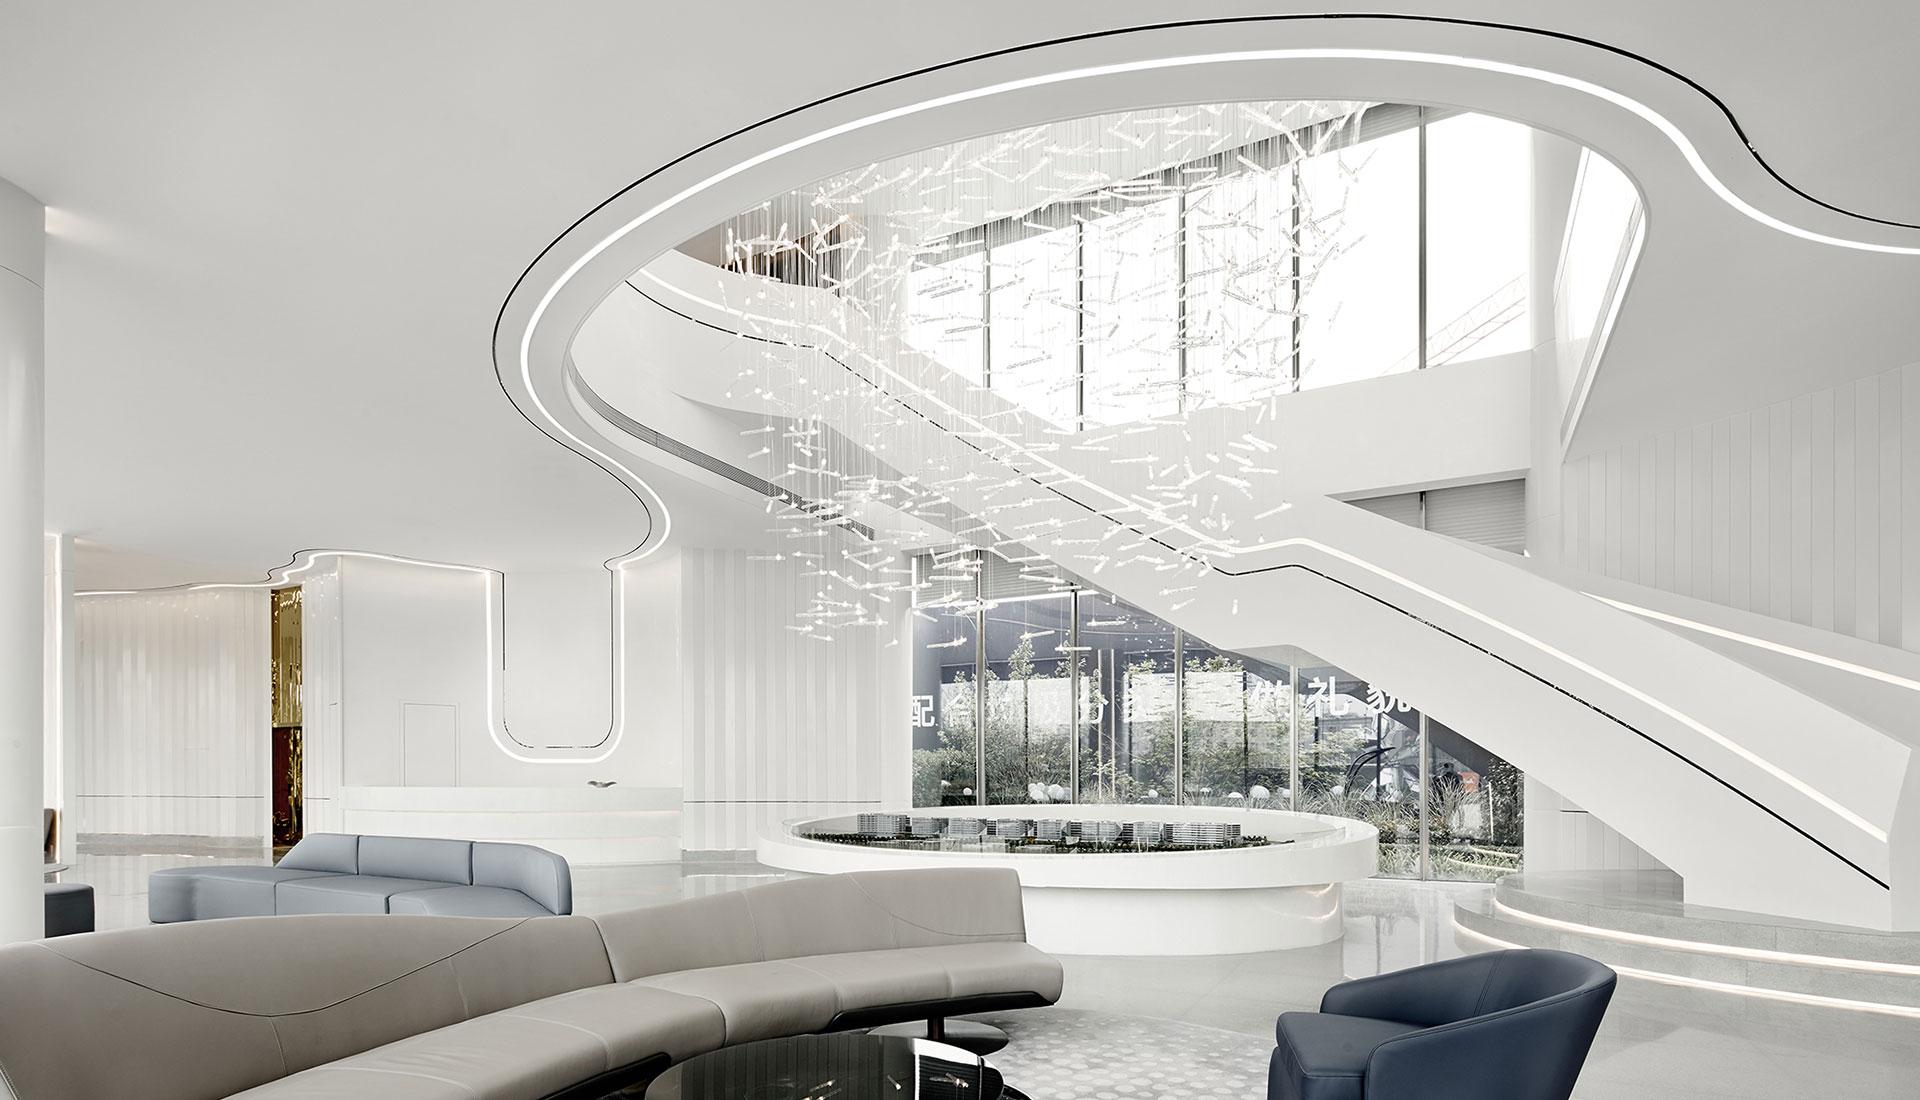 Центр продаж в Ханчжоу по проекту архитекторов GFD